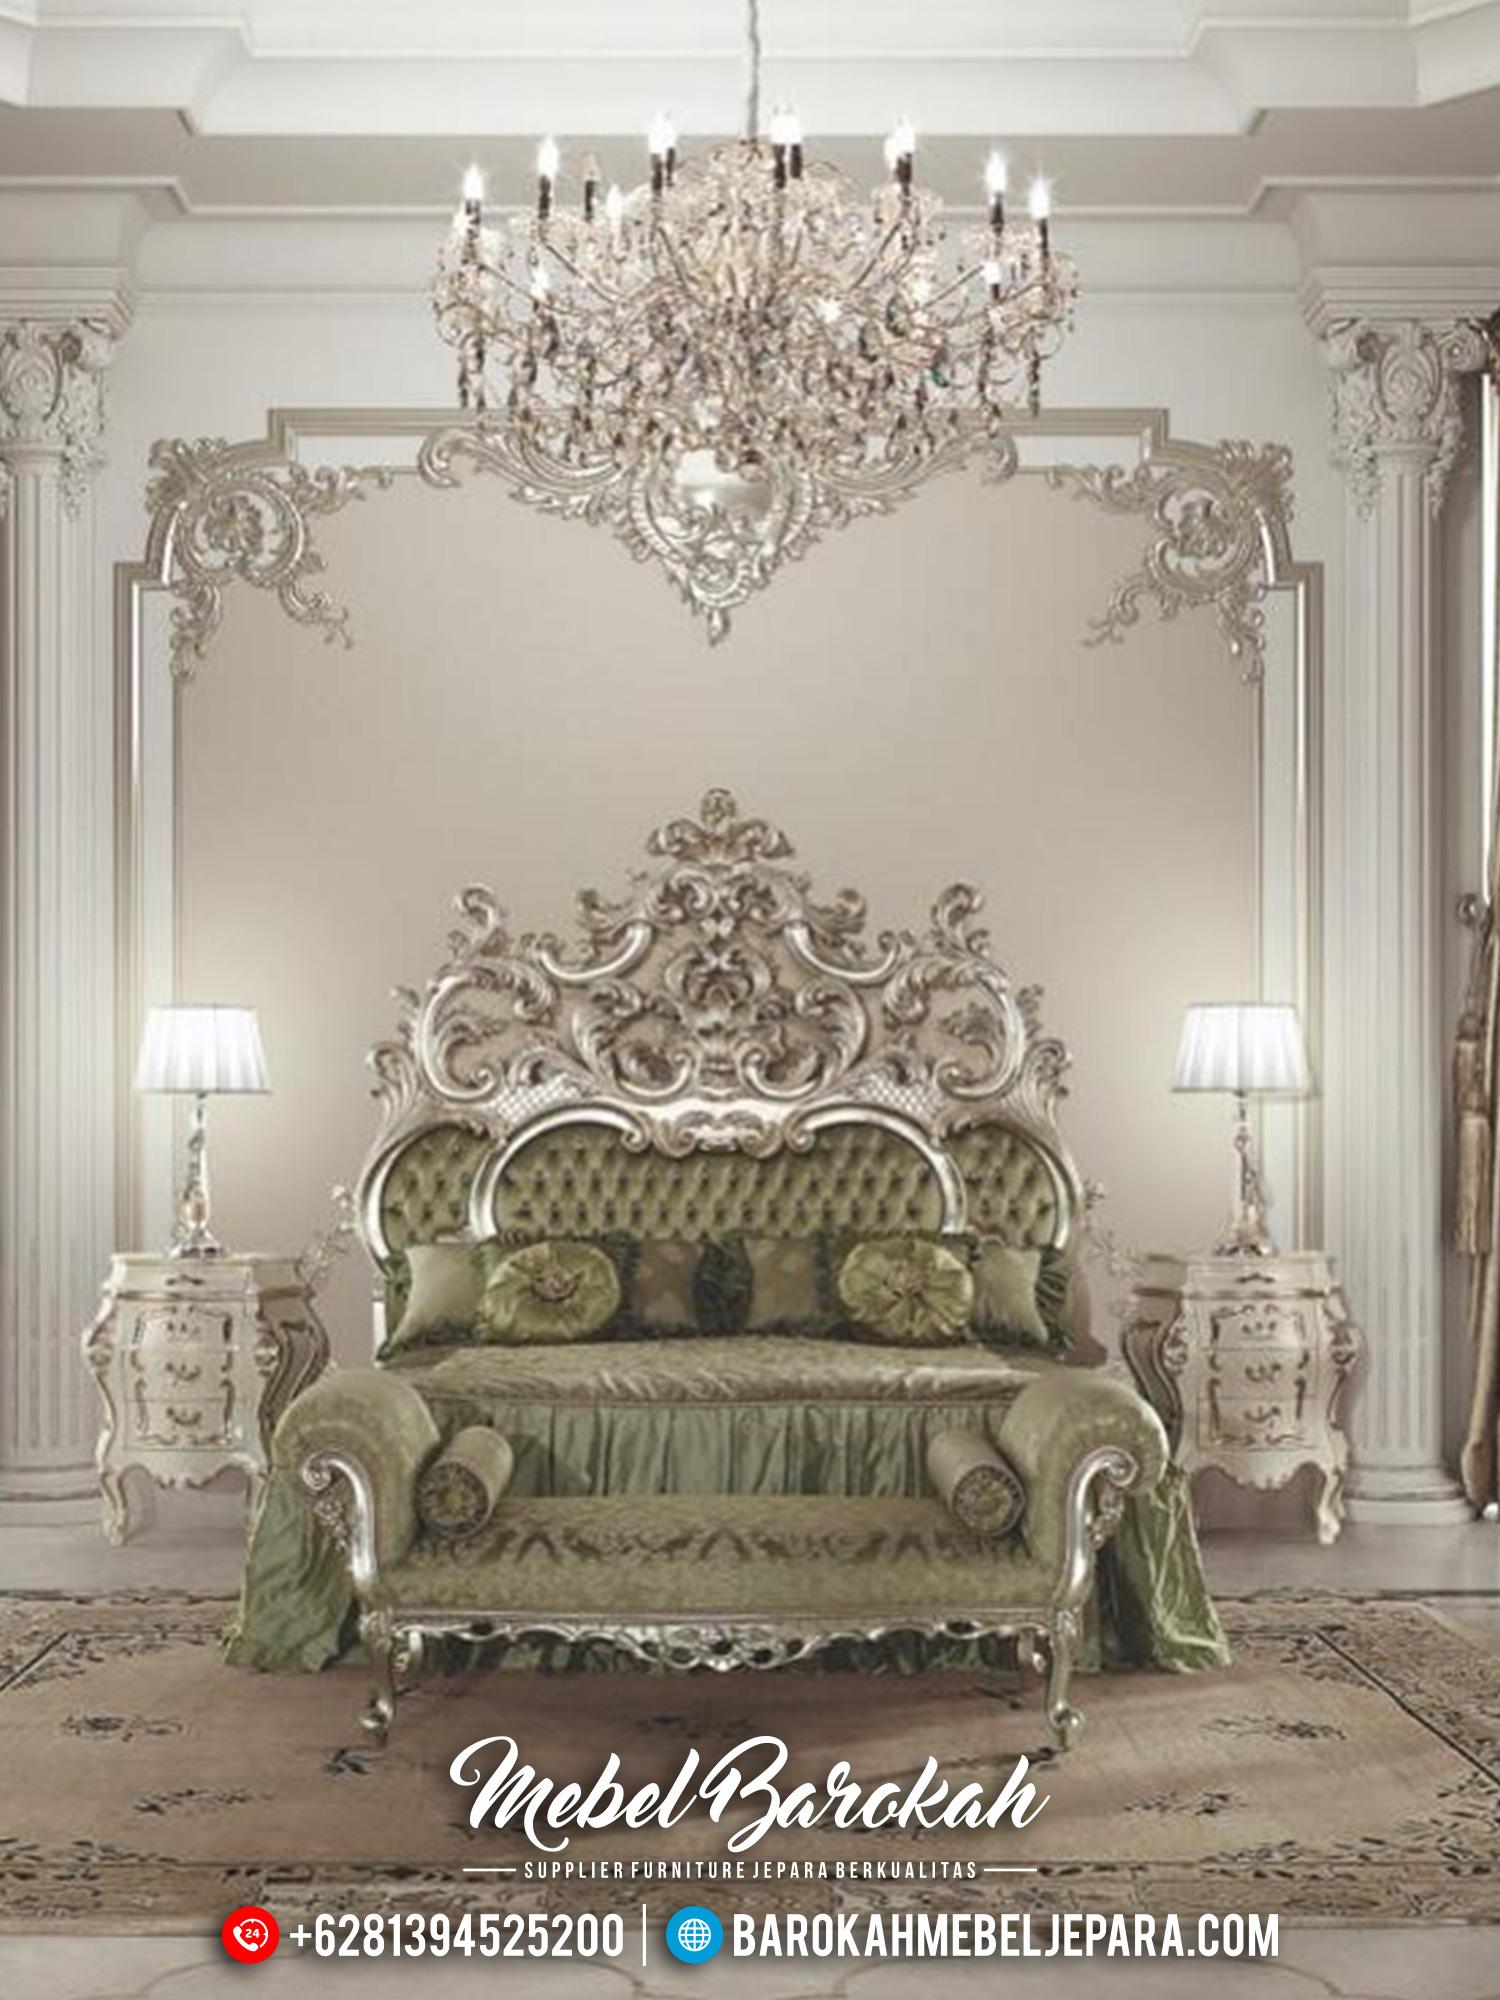 Kamar Set Mewah Maggiolini Classic Royal Carving MB-0448